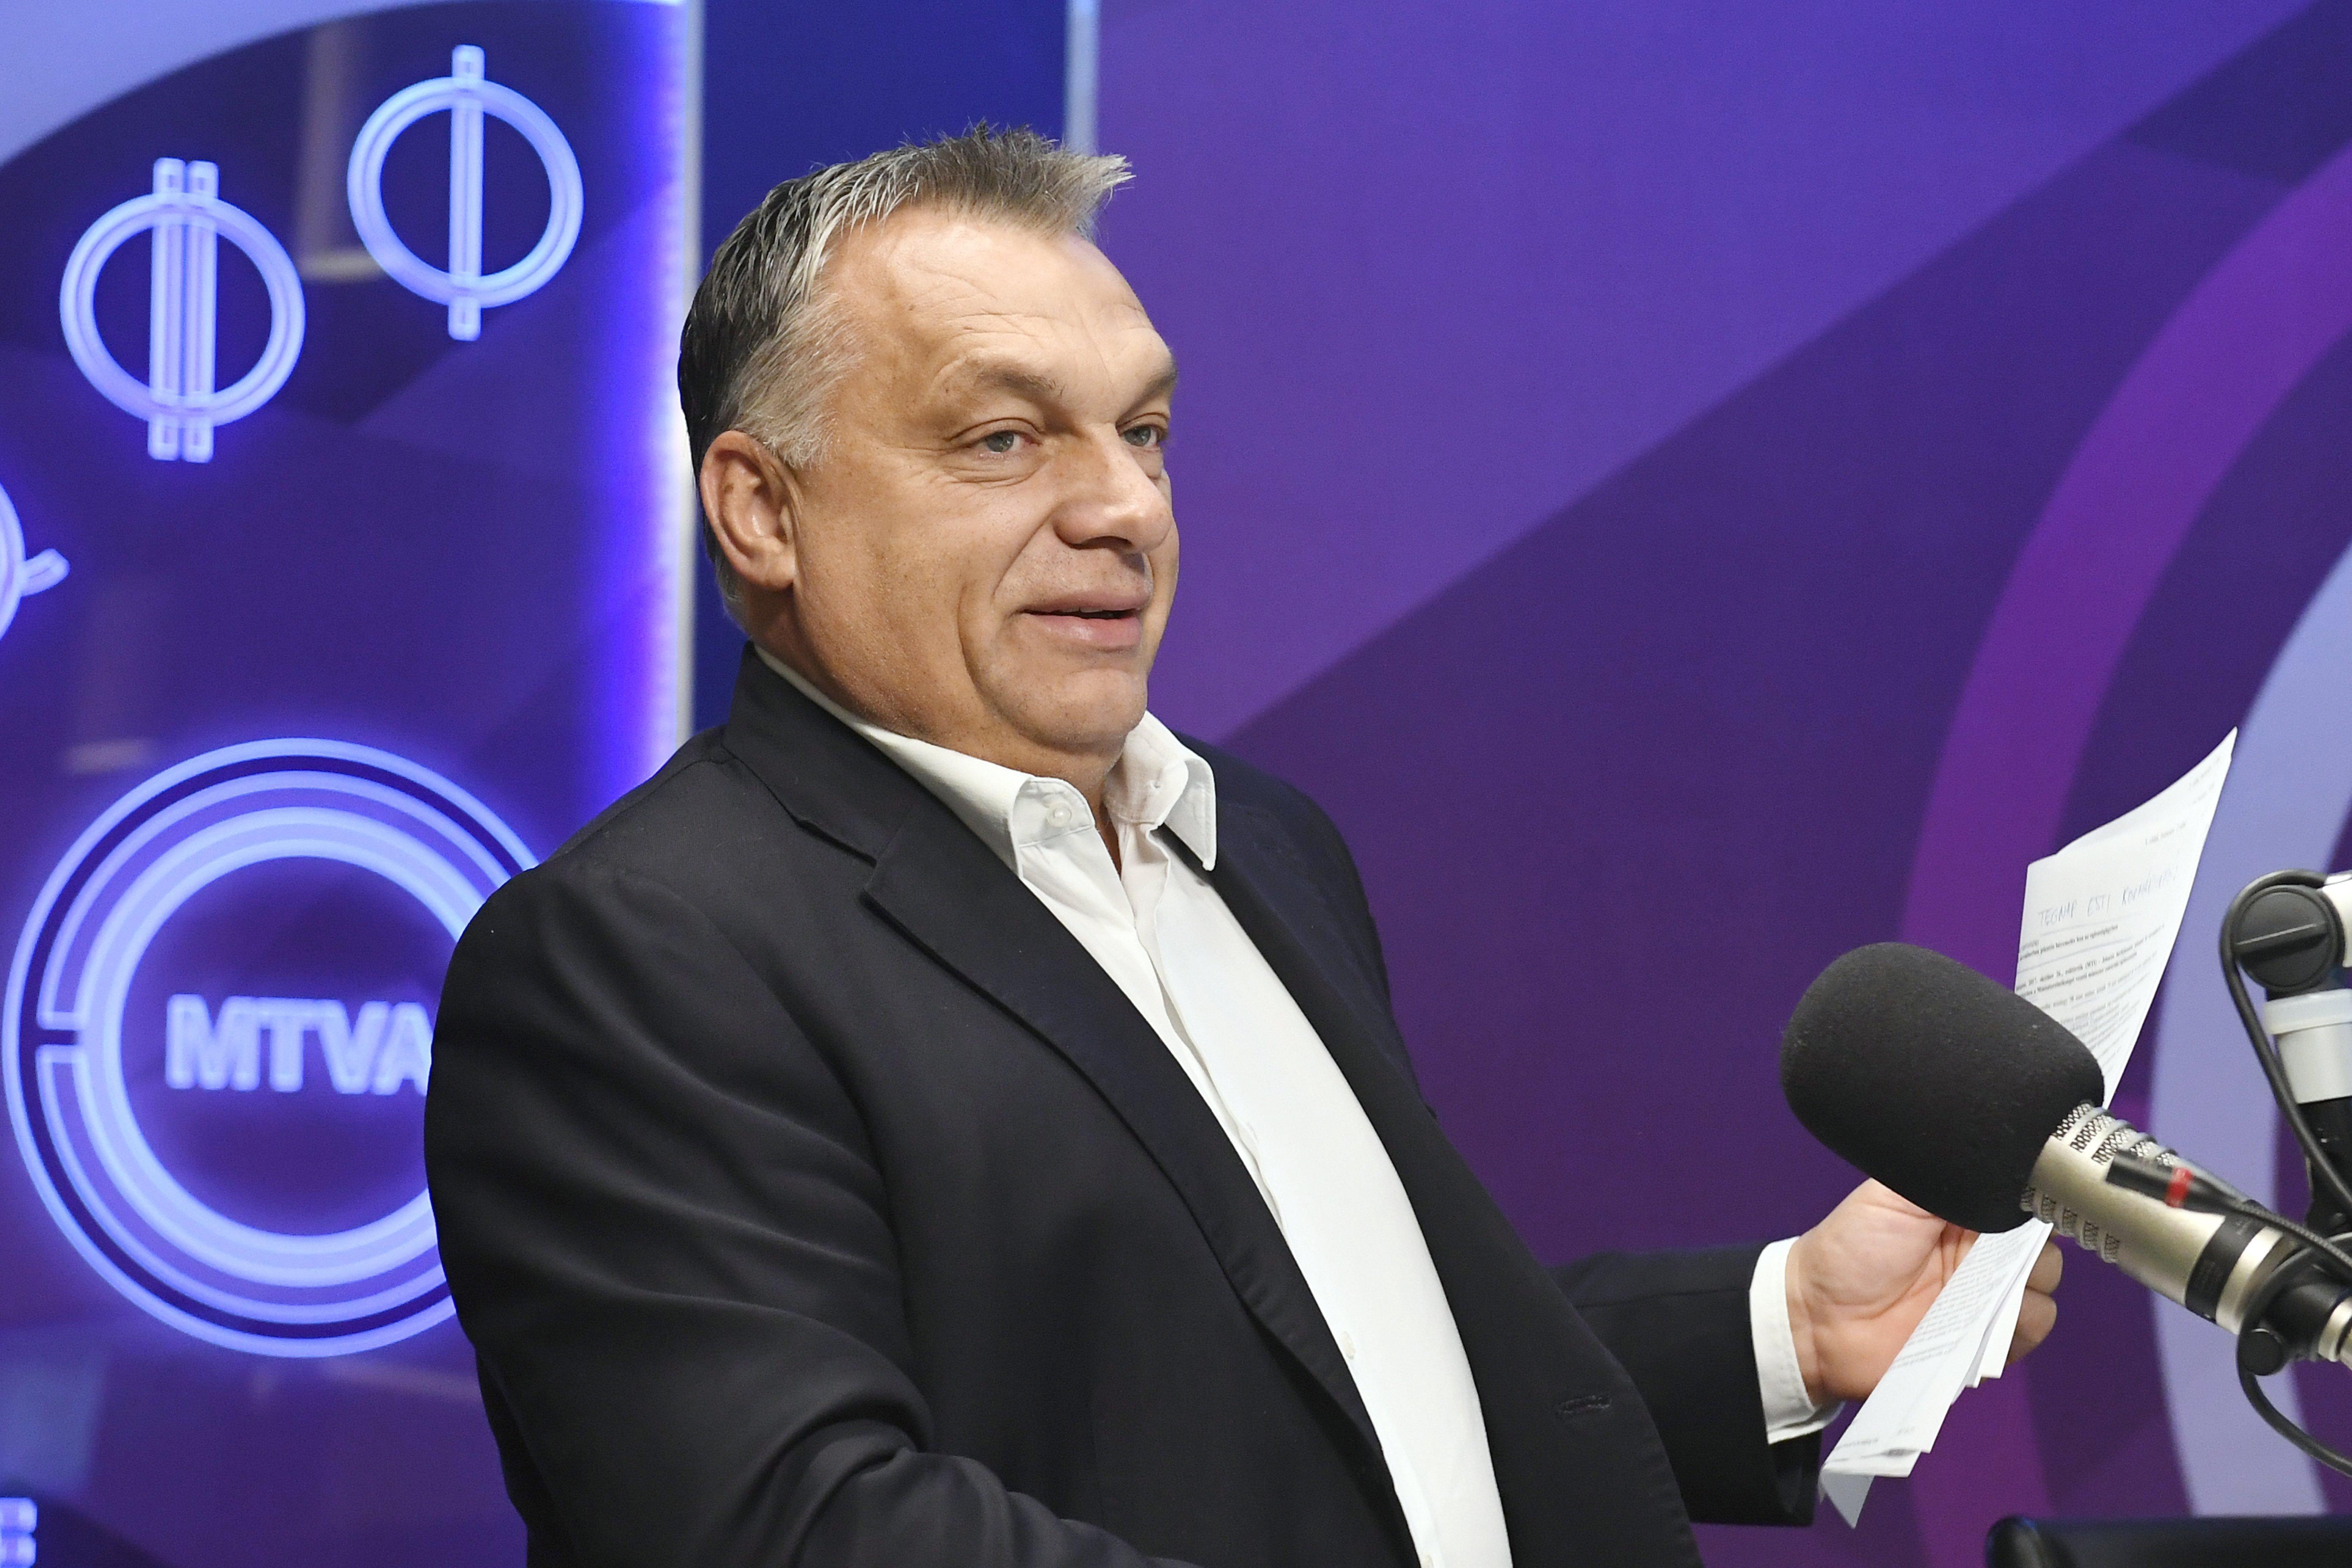 Körbetelefonálja az országot a Fidesz